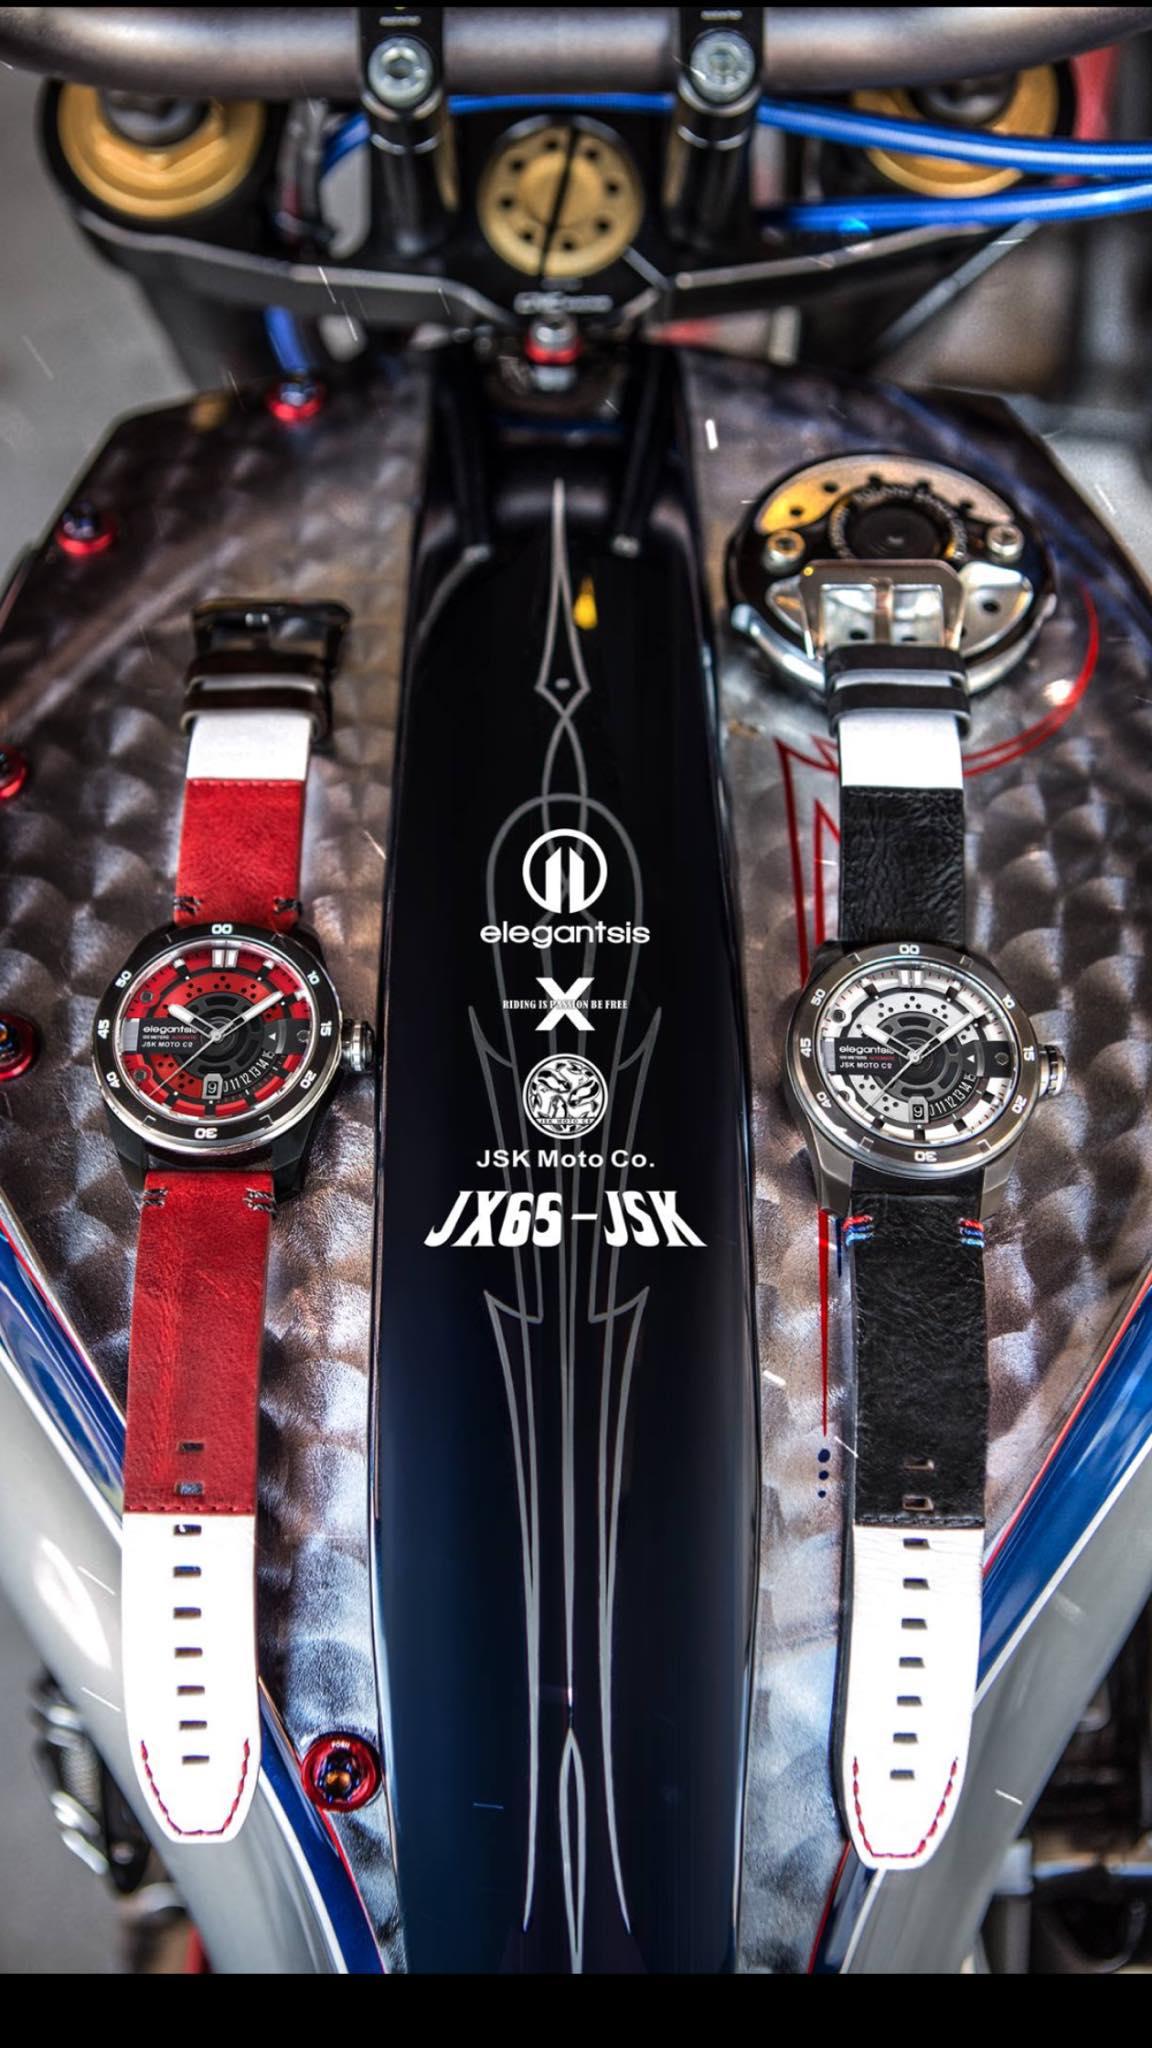 這次,我們把重機與名錶,每個男人對速度與精密機械的熱愛,一次獻給各位